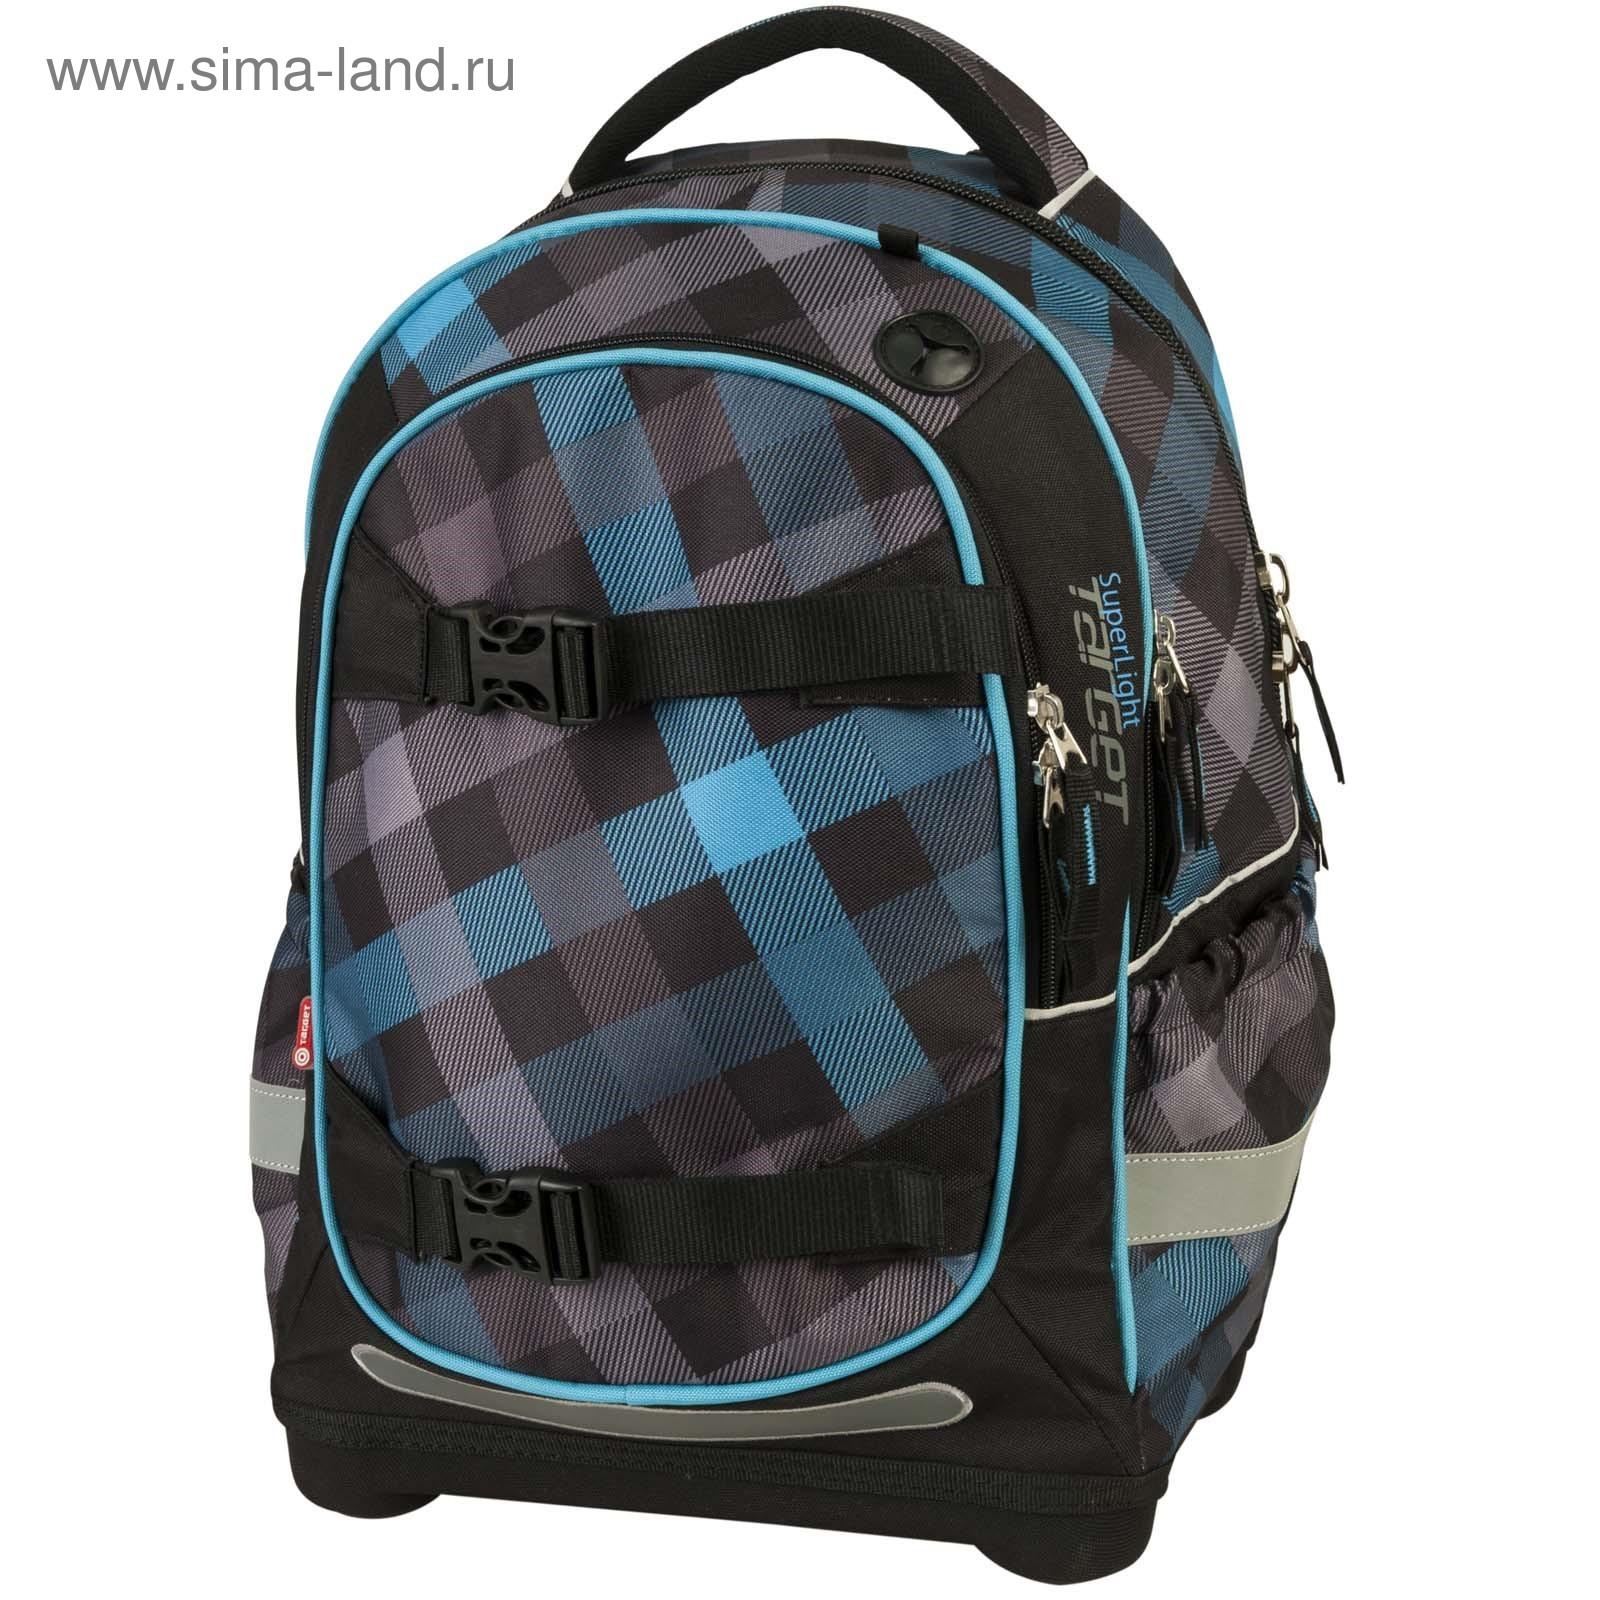 2f129844e369 Рюкзак молодежный эргоном.спинка Target 44*32*18 мал суперлегкий Blue